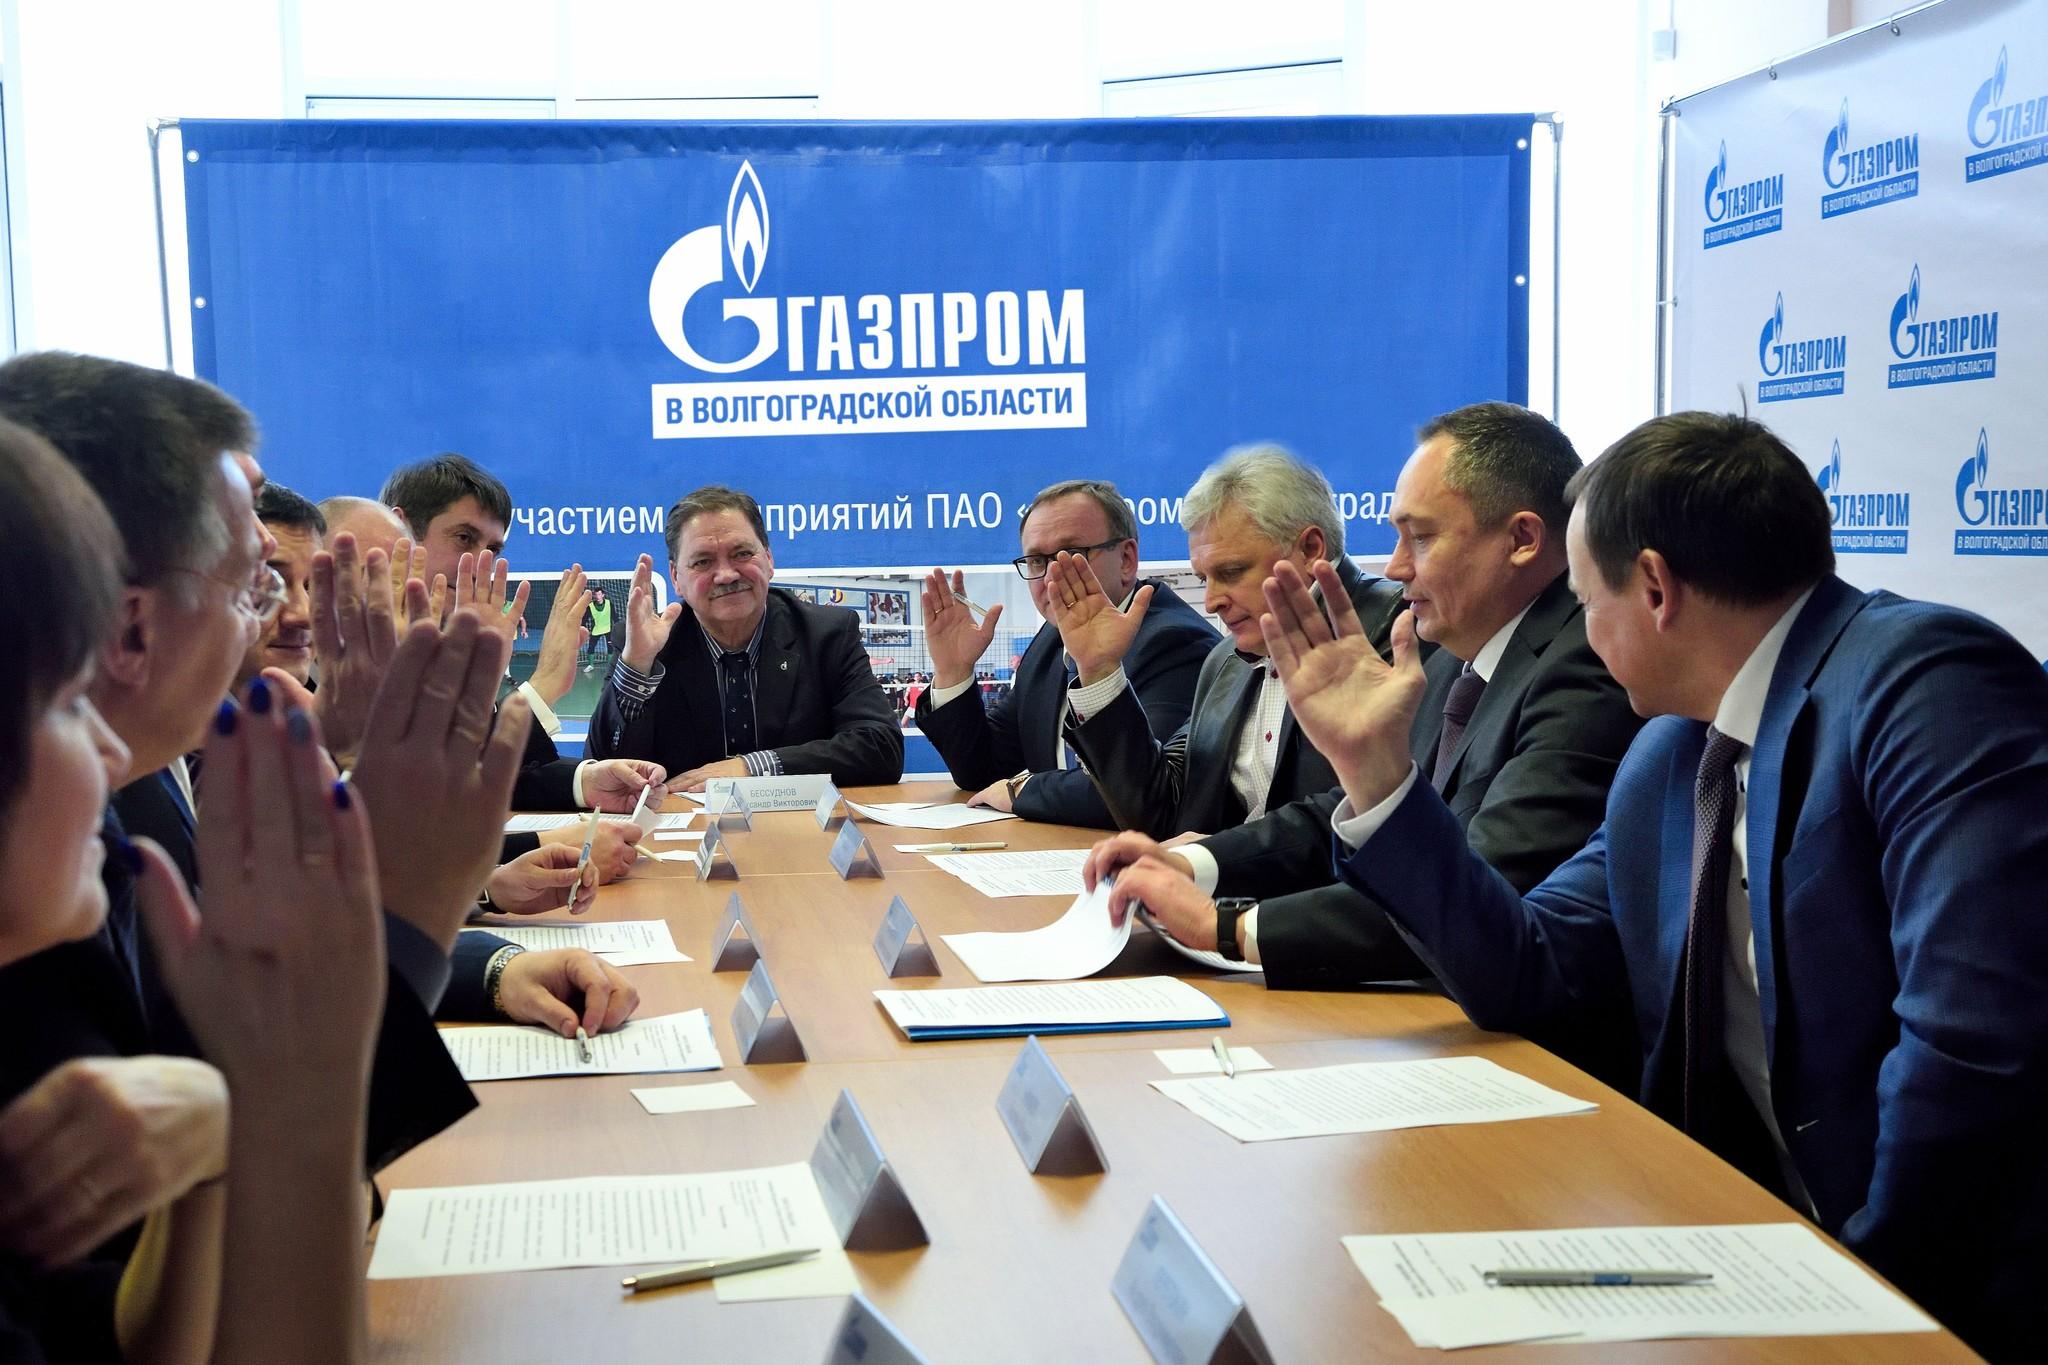 Волгоград фото газпром руководство